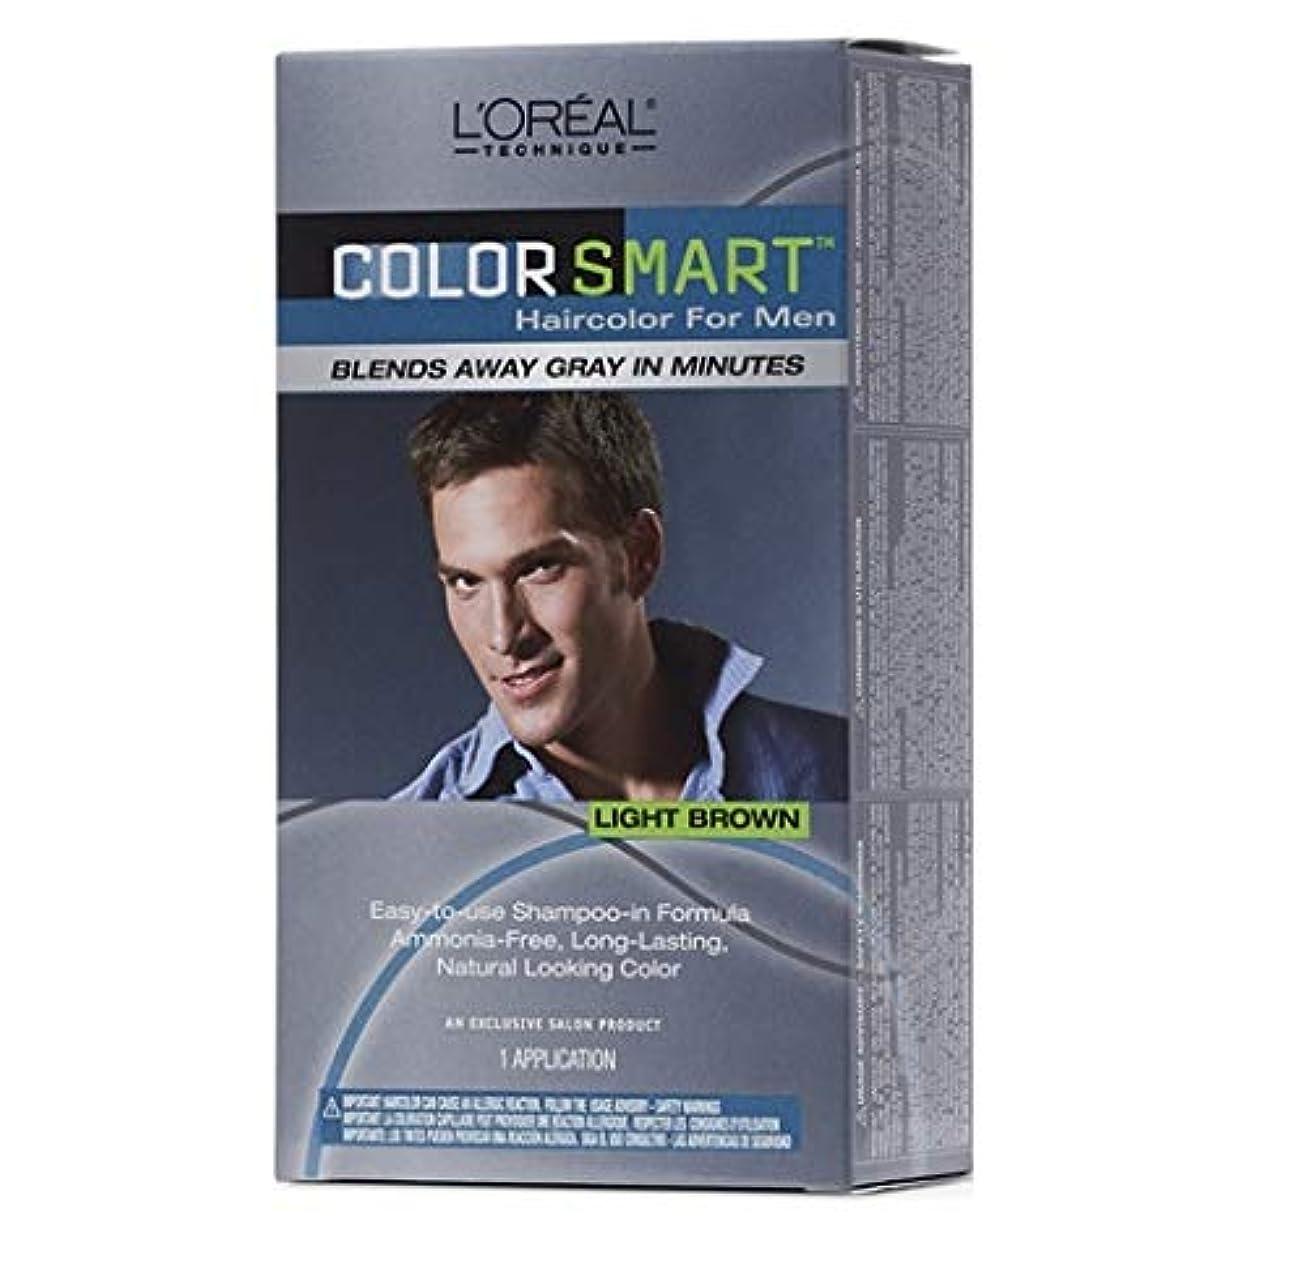 再生トラクタースクワイアL'Oreal Technique - Color Smart for Men - Light Brown KIT